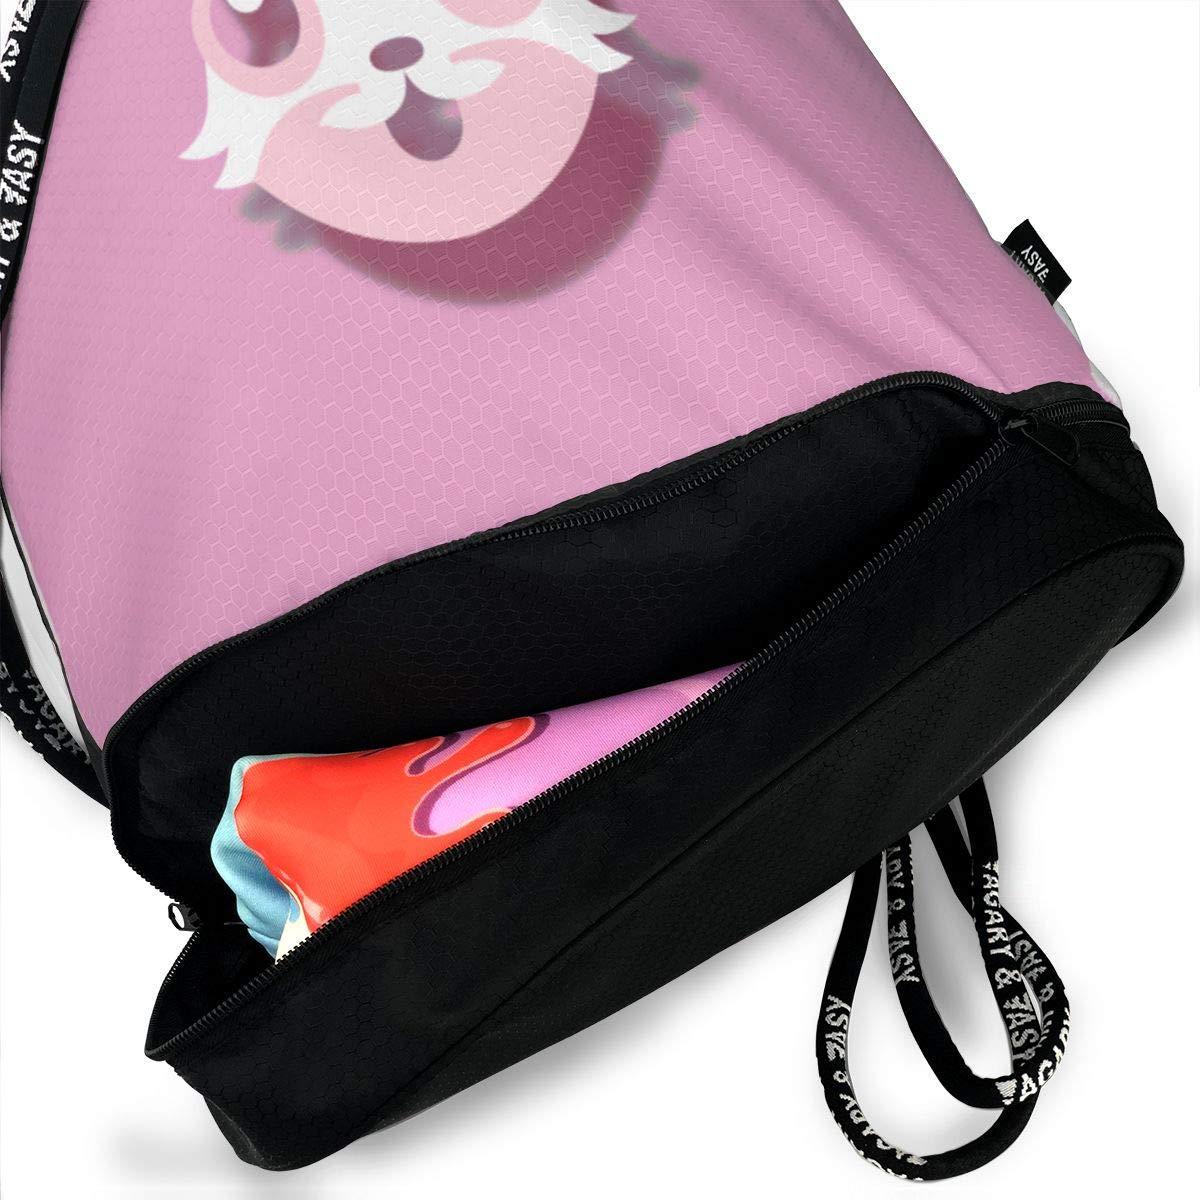 The Creative Crypto Cat Drawstring Bag Multipurpose Bundle Dance Bag Sack Pack